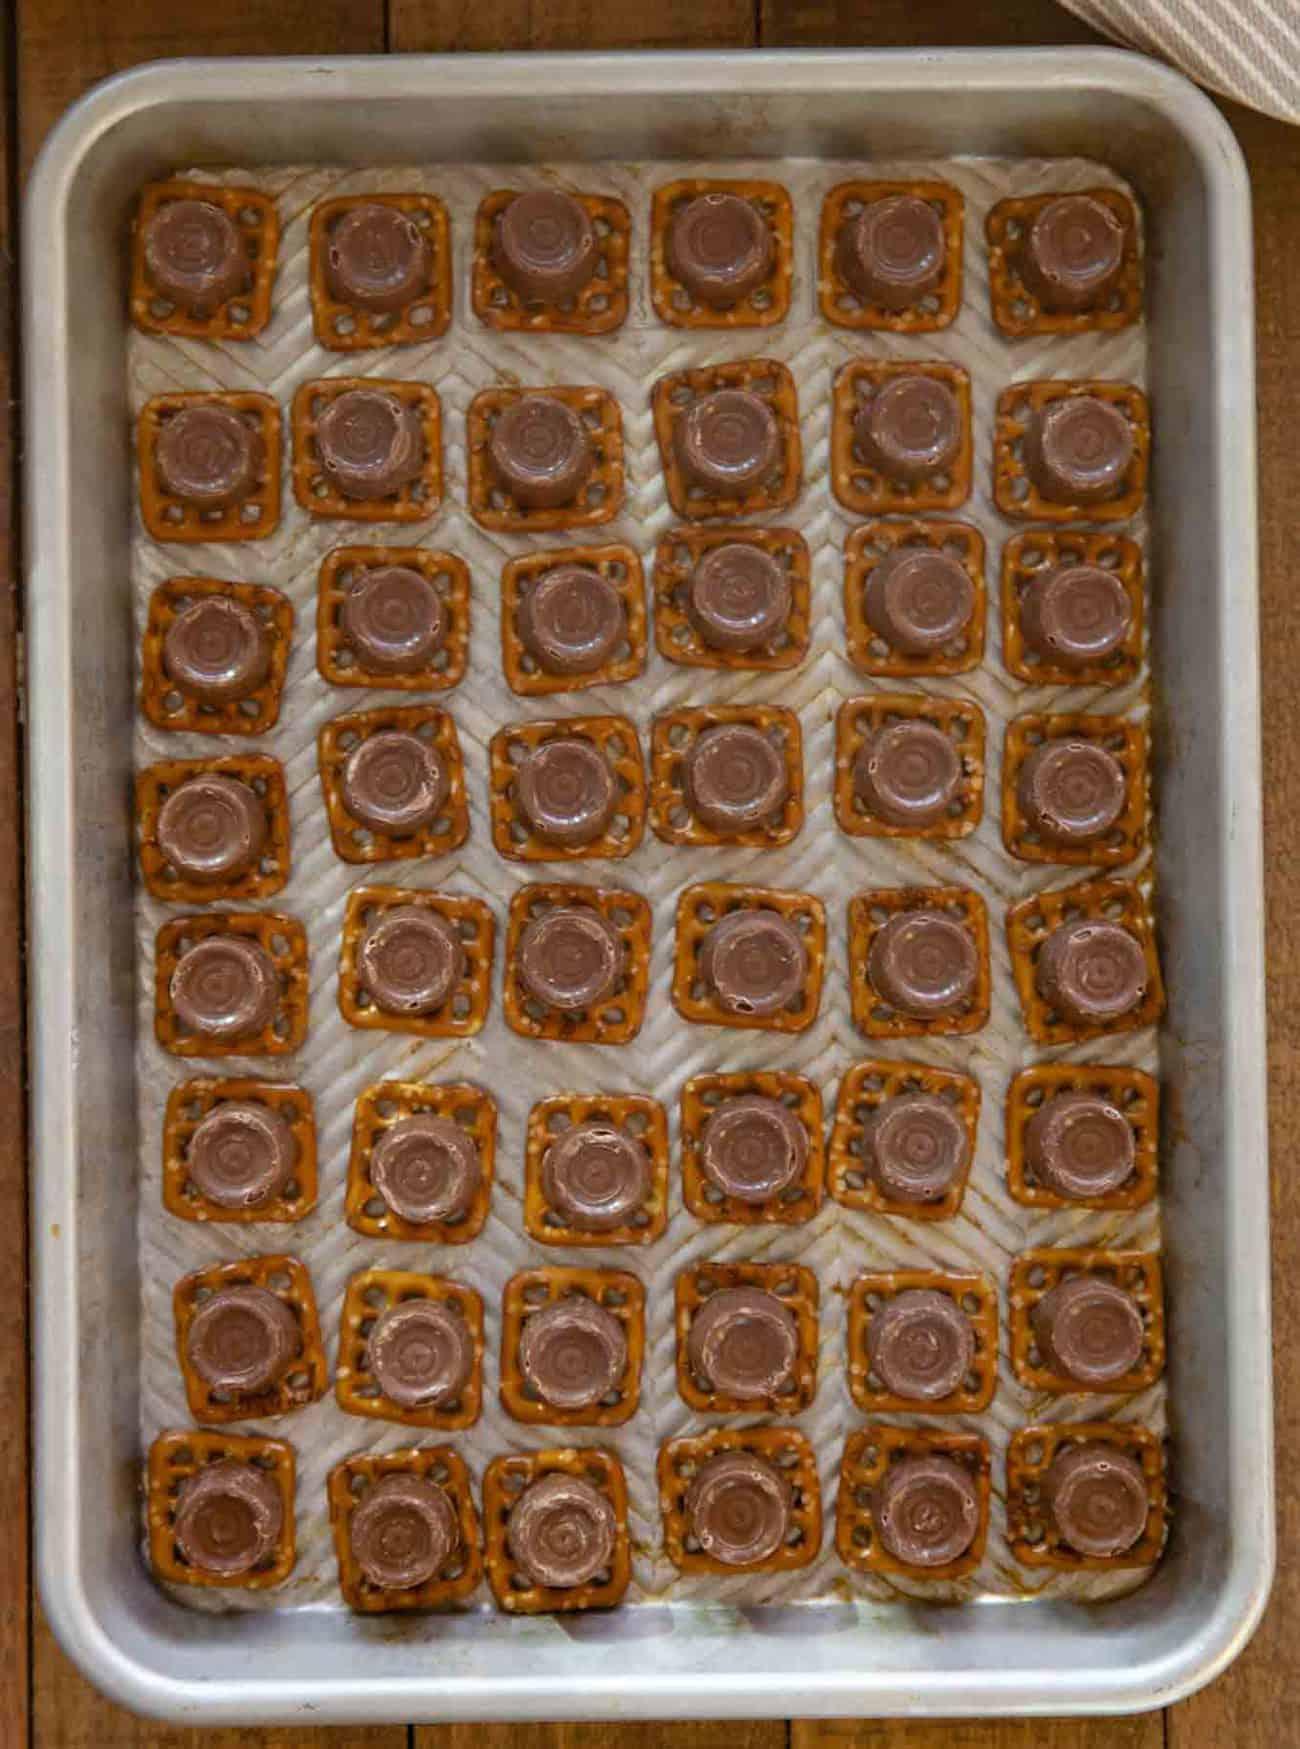 Rolo candies on pretzels